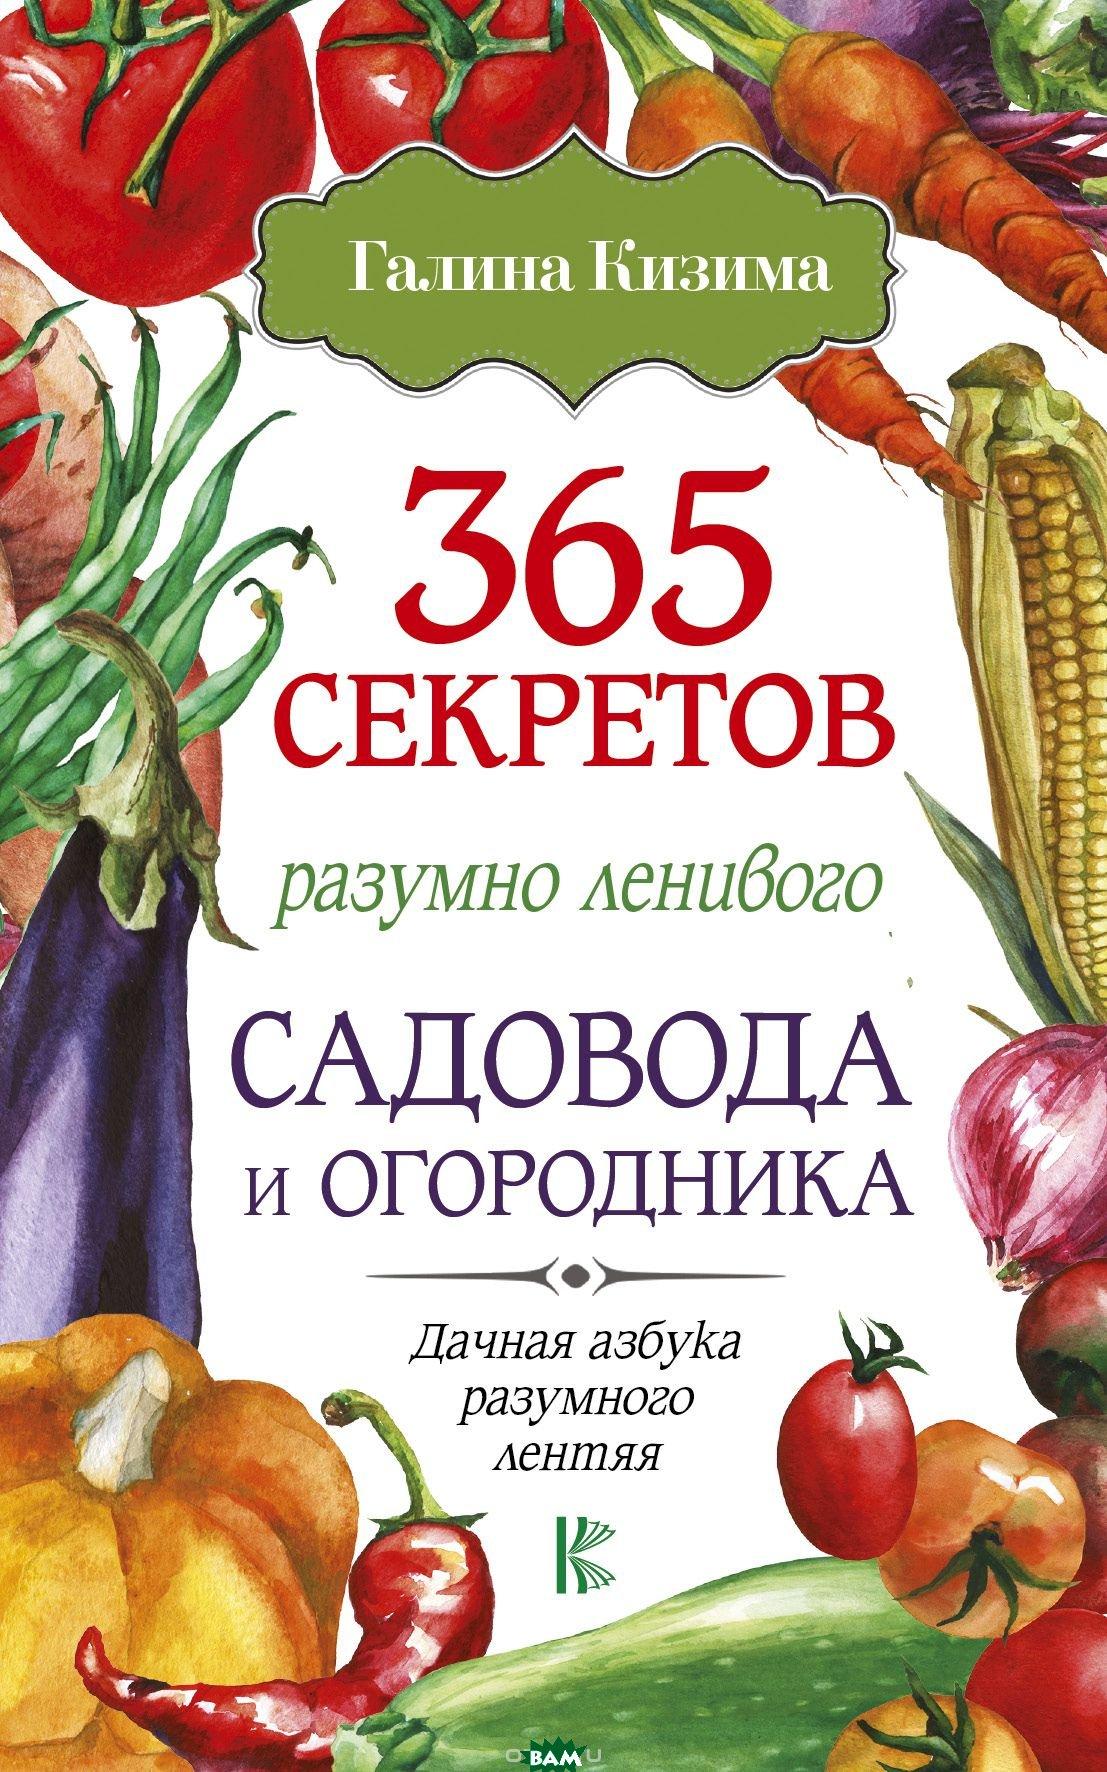 Купить 365 секретов разумно ленивого садовода и огородника, АСТ, Кизима Г.А., 978-5-17-106488-4